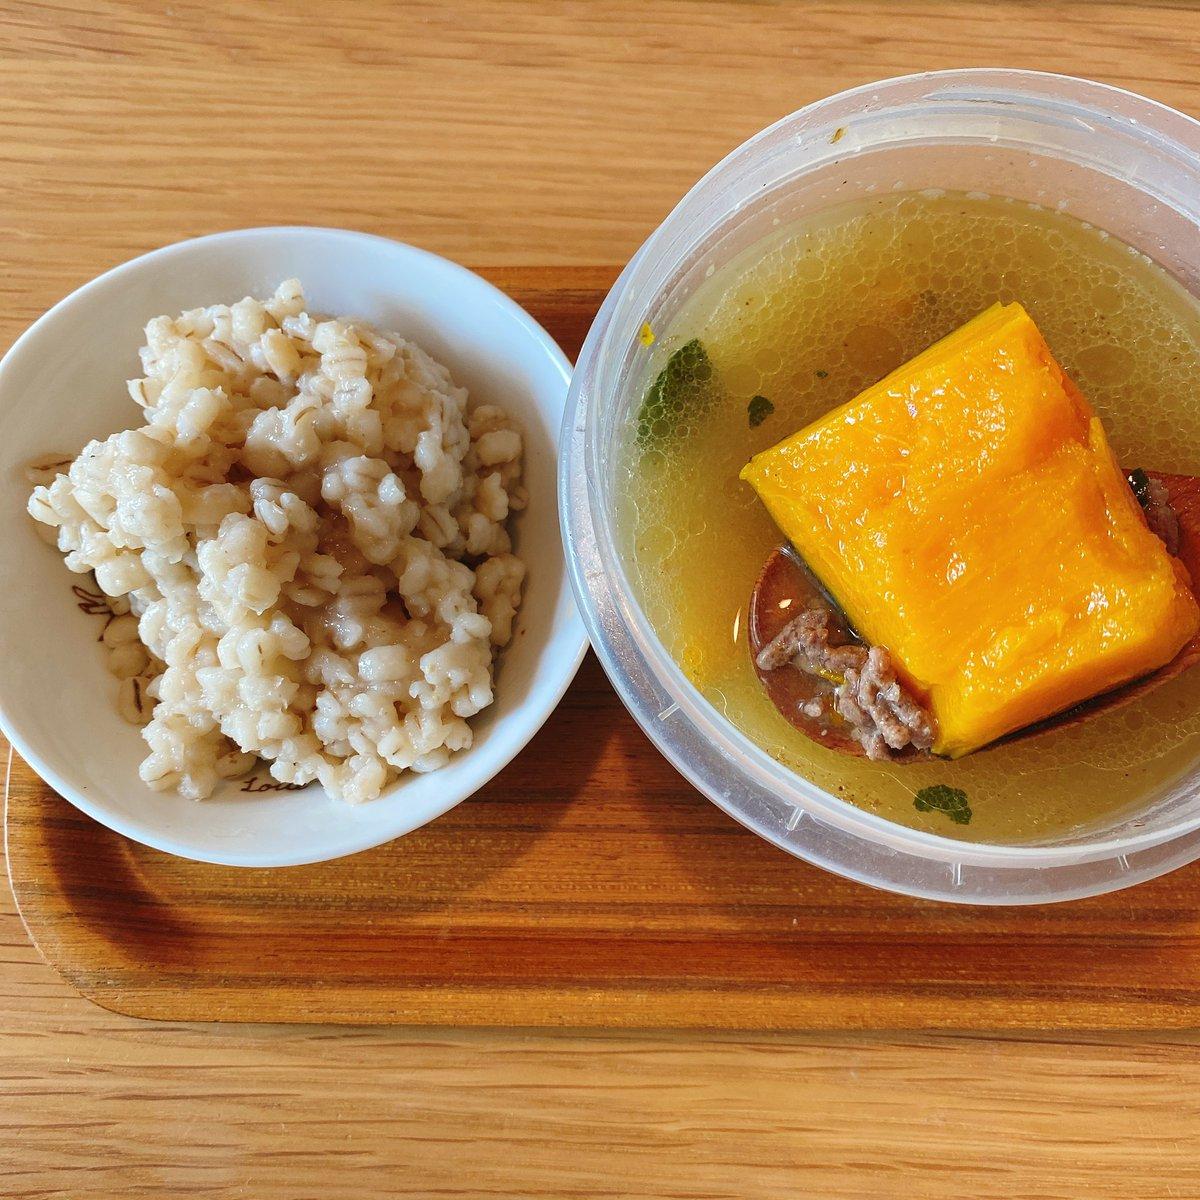 朝みそ汁生活44日目。今日の具は牛挽肉と栗かぼちゃ。茅乃舎の野菜だしで炊いたもち麦と一緒に。7:00~オンライン英会話レッスン後の朝ごはん。昨日からずっと頭痛😢#朝みそ汁生活#みそ汁#味噌汁#大豆#発酵食品#えごま油#茅乃舎#おうちごはん#一汁一菜#朝ごはん#料理好きな人と繋がりたい